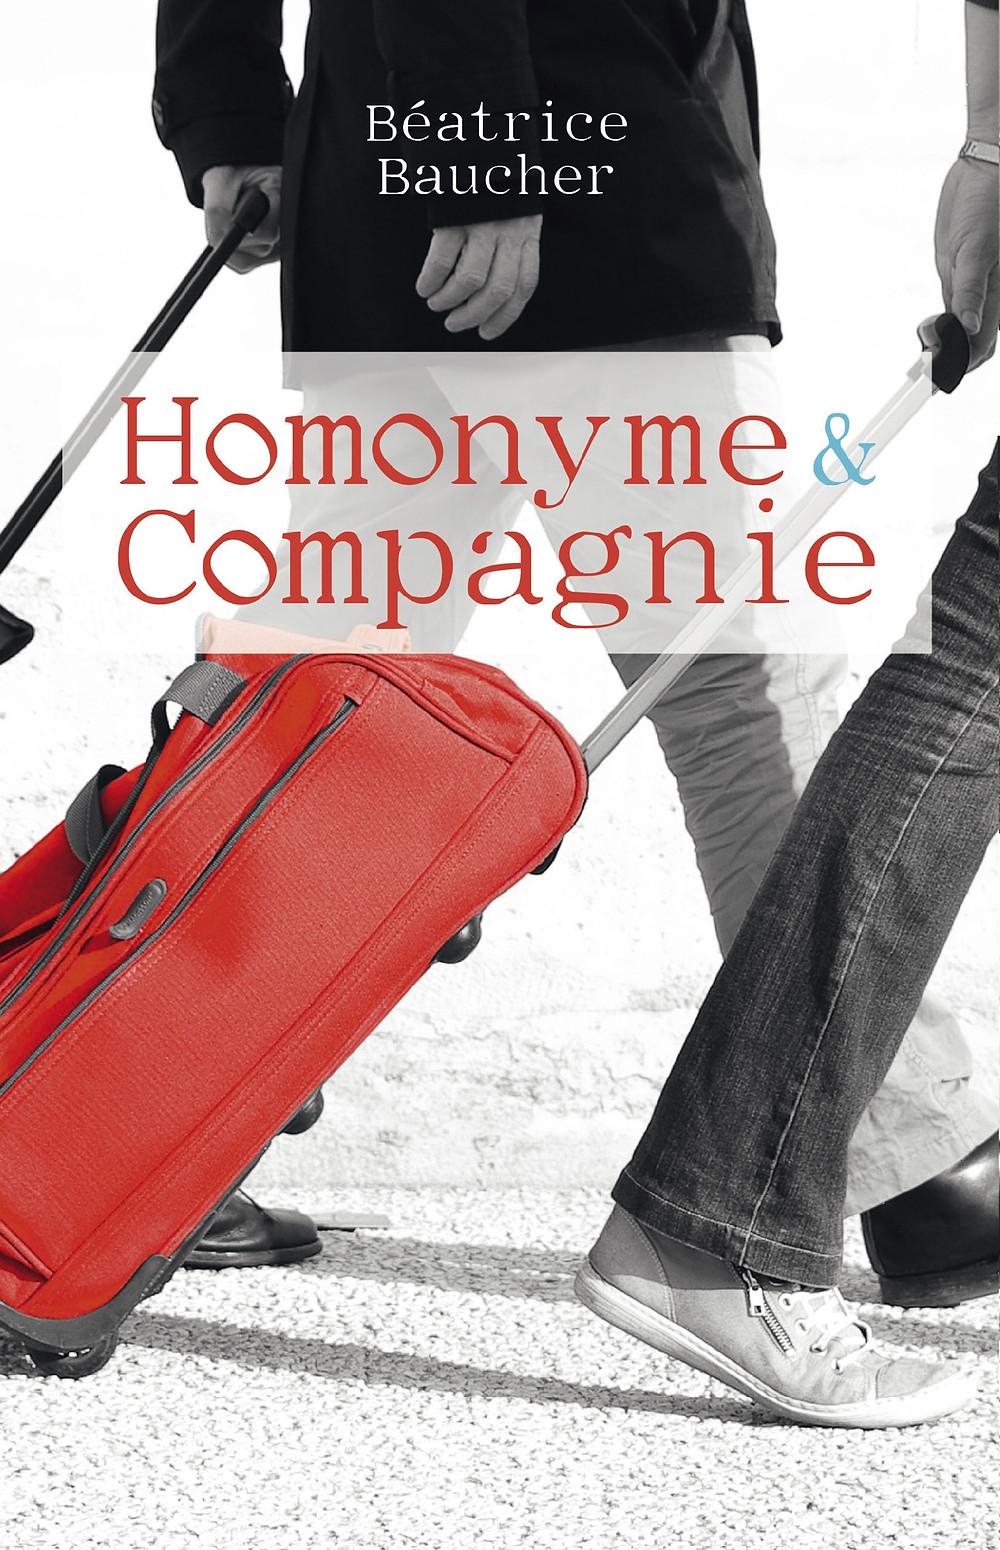 HOMONYME & COMPAGNIE le premier roman de Béatrice Baucher